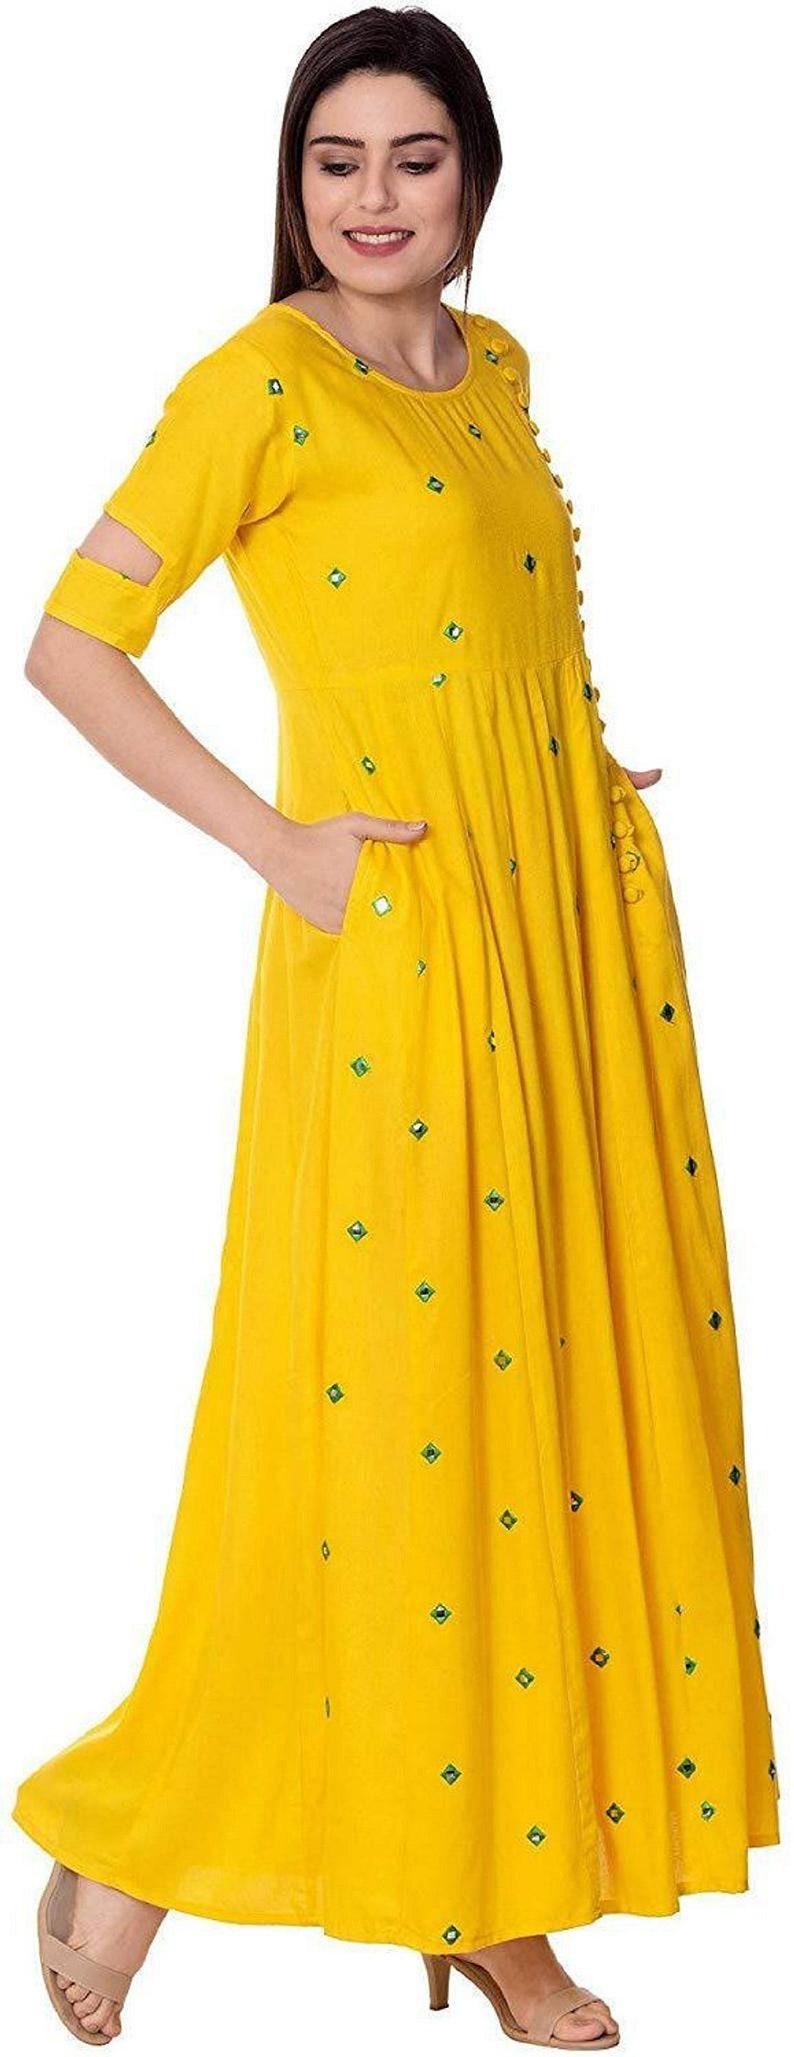 Indian Handmade Embroidered Full Mirrror Work Anarkali Rayon Kurti Yellow Kurtis boho wedding dress Pocket Kurtis Ethnic Kurtis